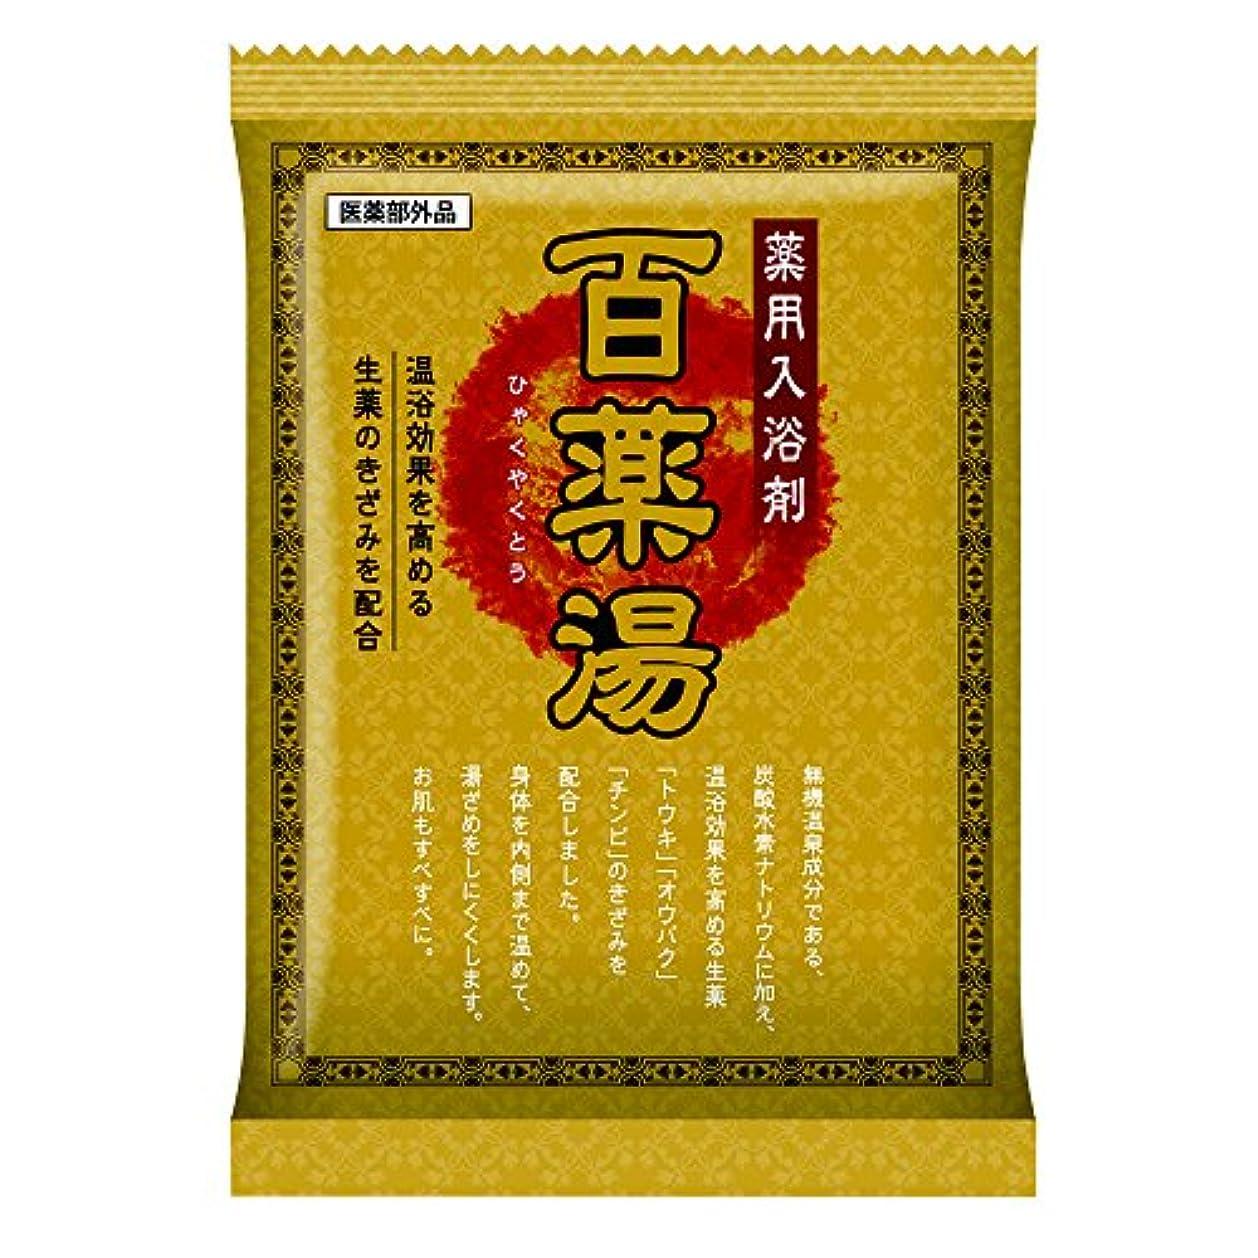 巻き取り体サイレン百薬湯 薬用入浴剤 生薬配合 30g×1包 (医薬部外品)